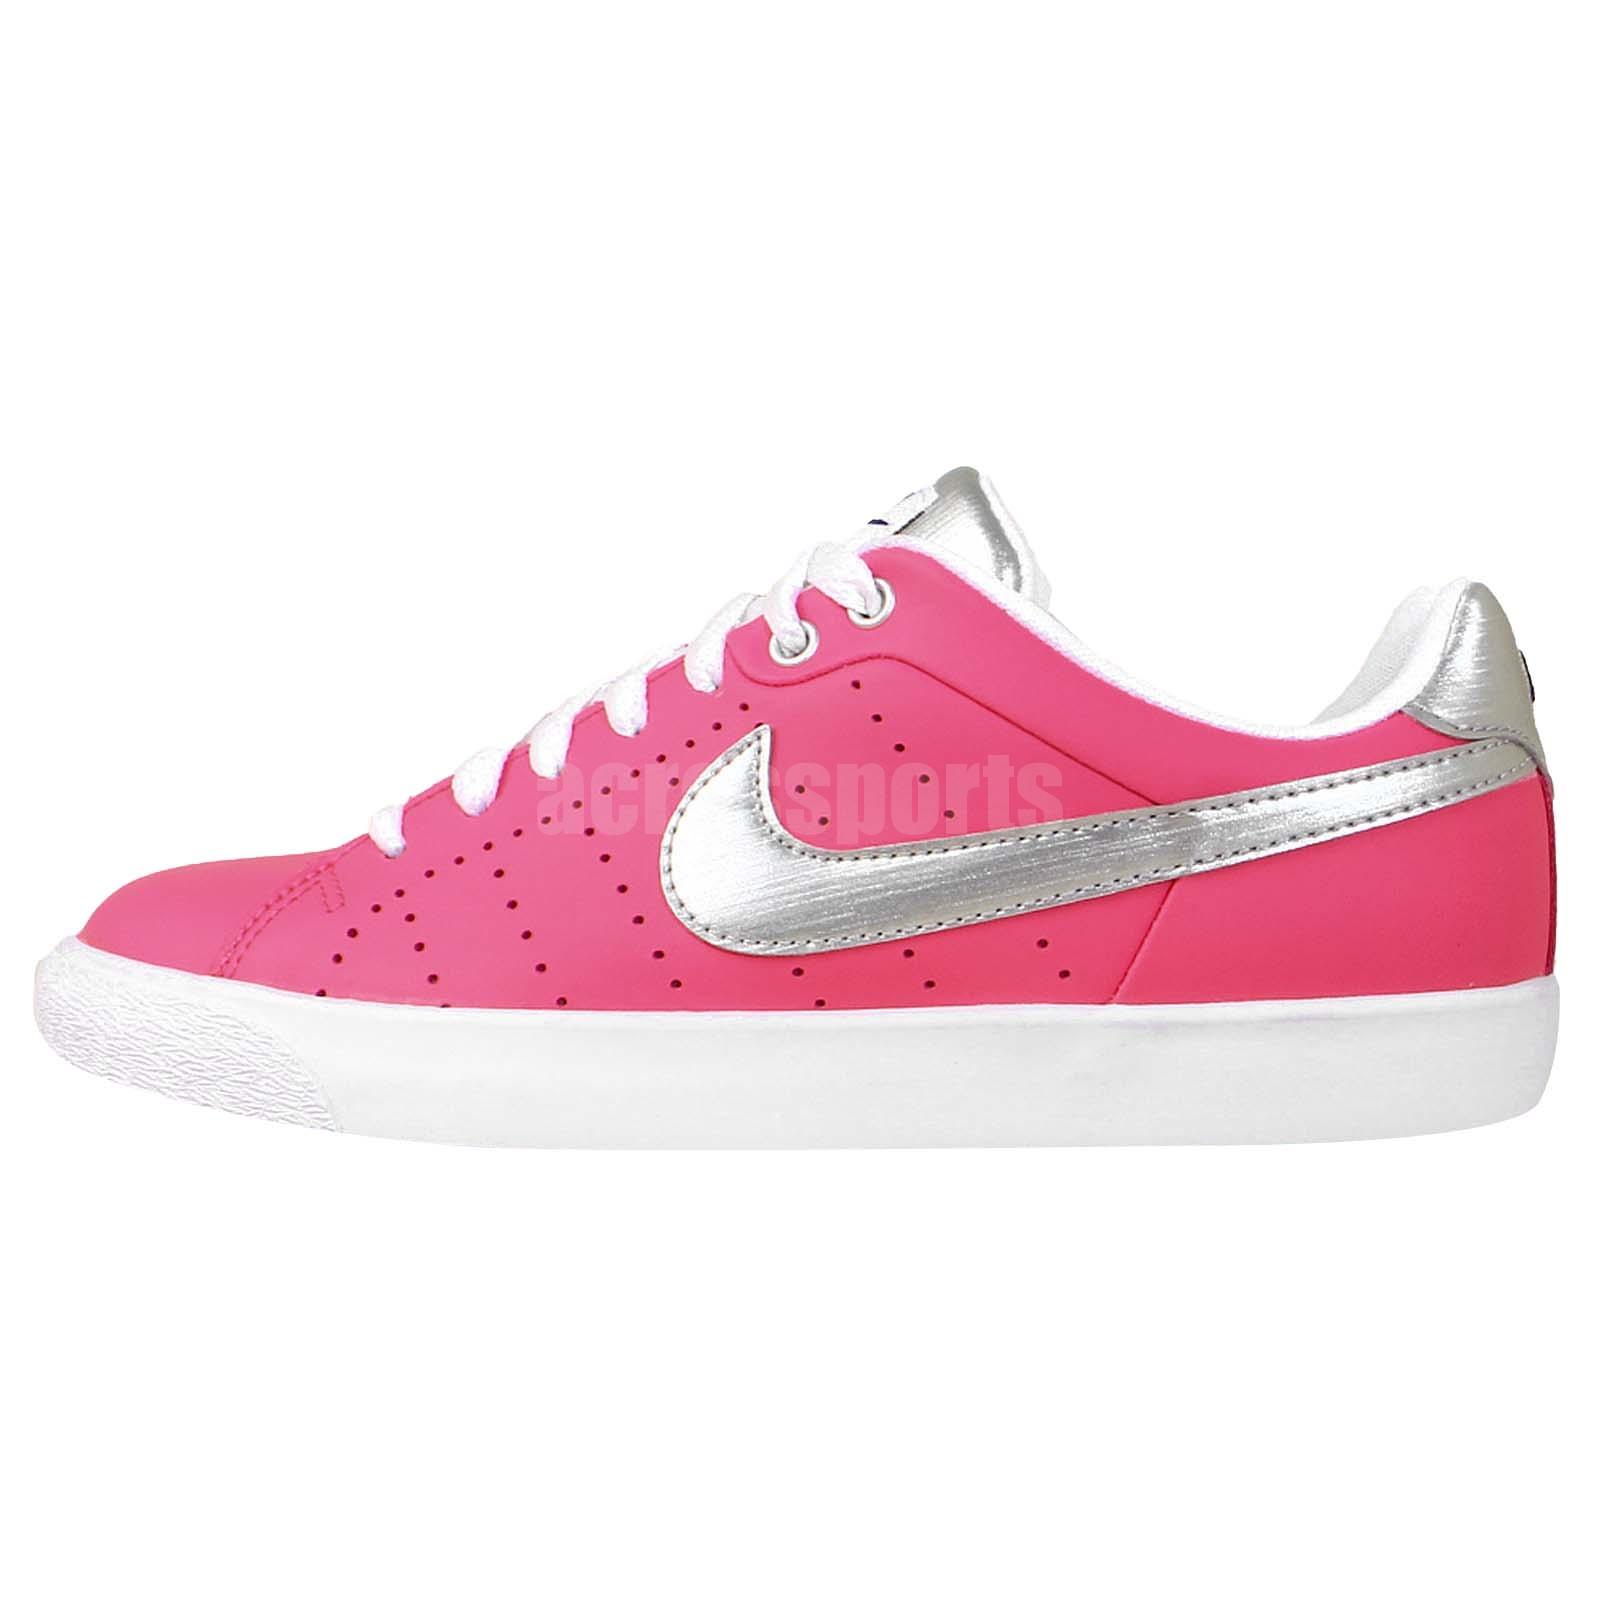 Nike Oceania Women S Casual Shoe